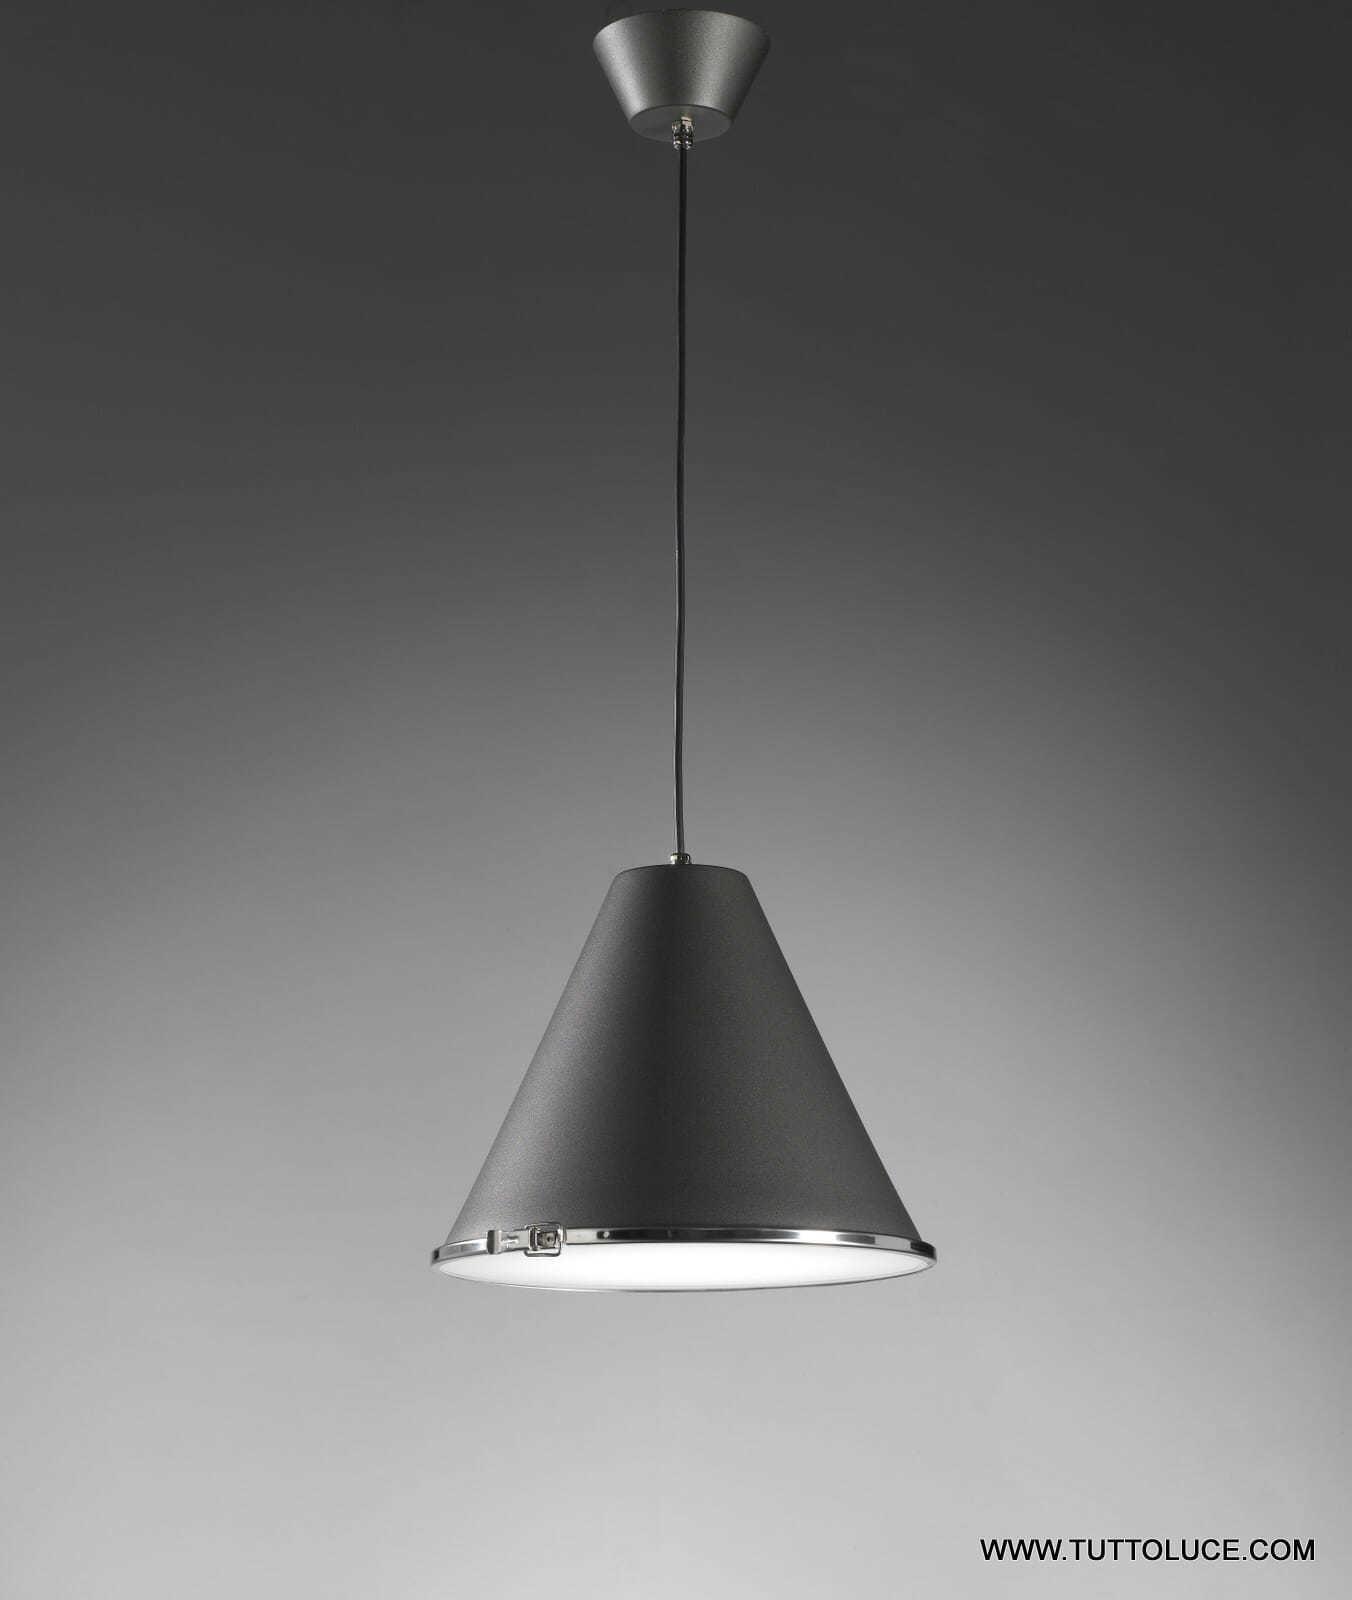 lampade moderne sospensione soffitto in metallo verniciato